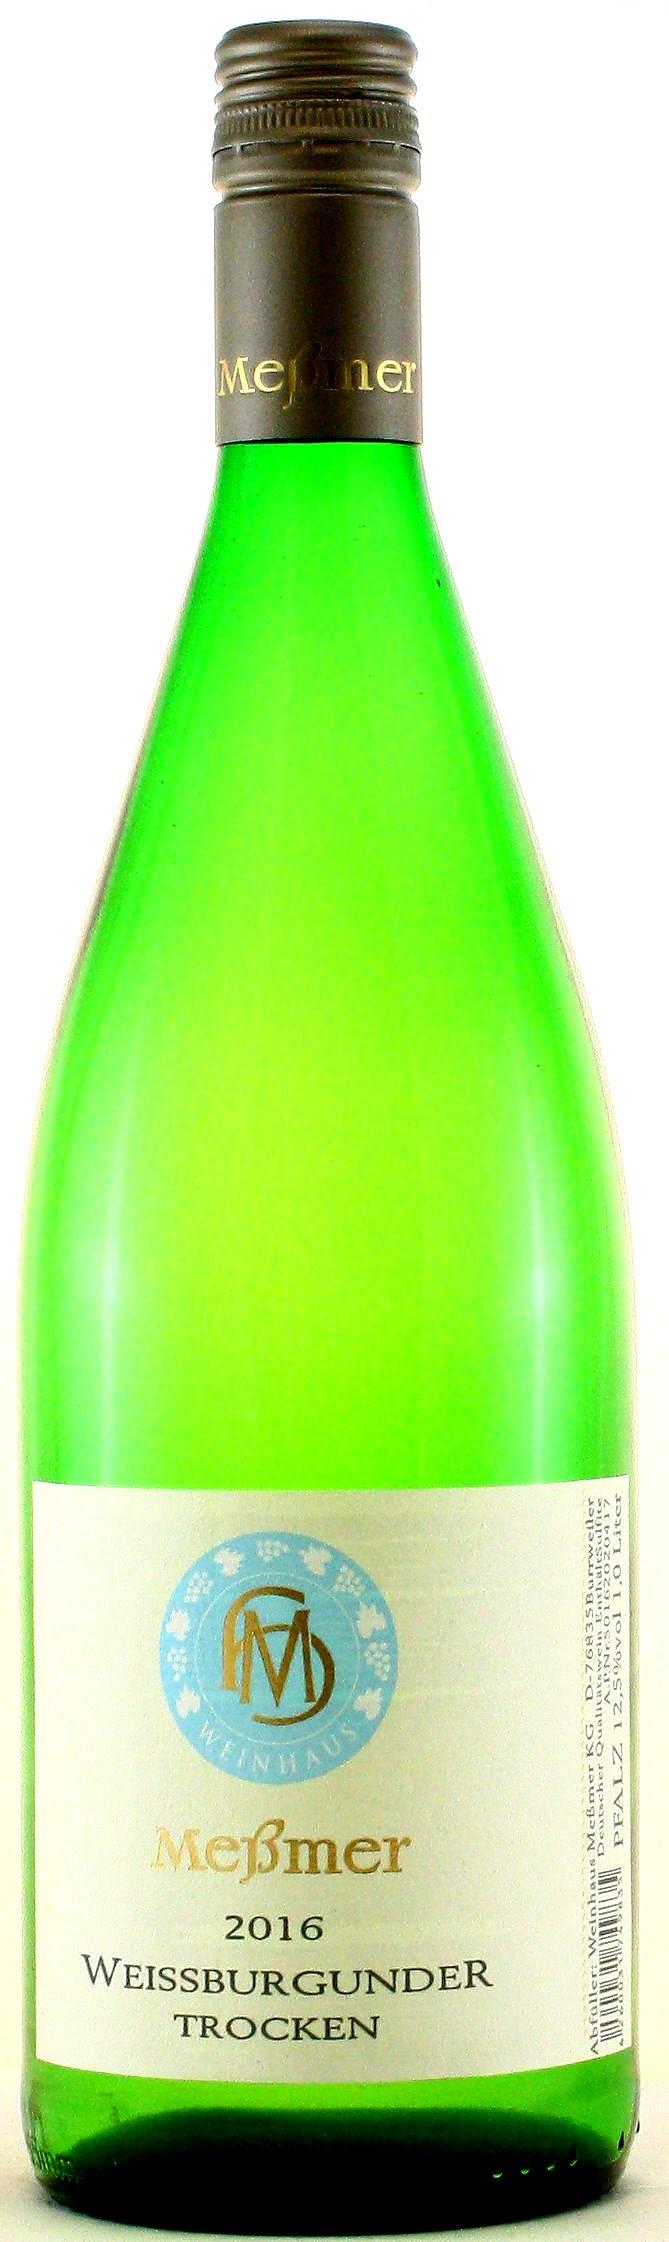 1 Liter Meßmer Weißburgunder trocken, Meßmer - Pfalz